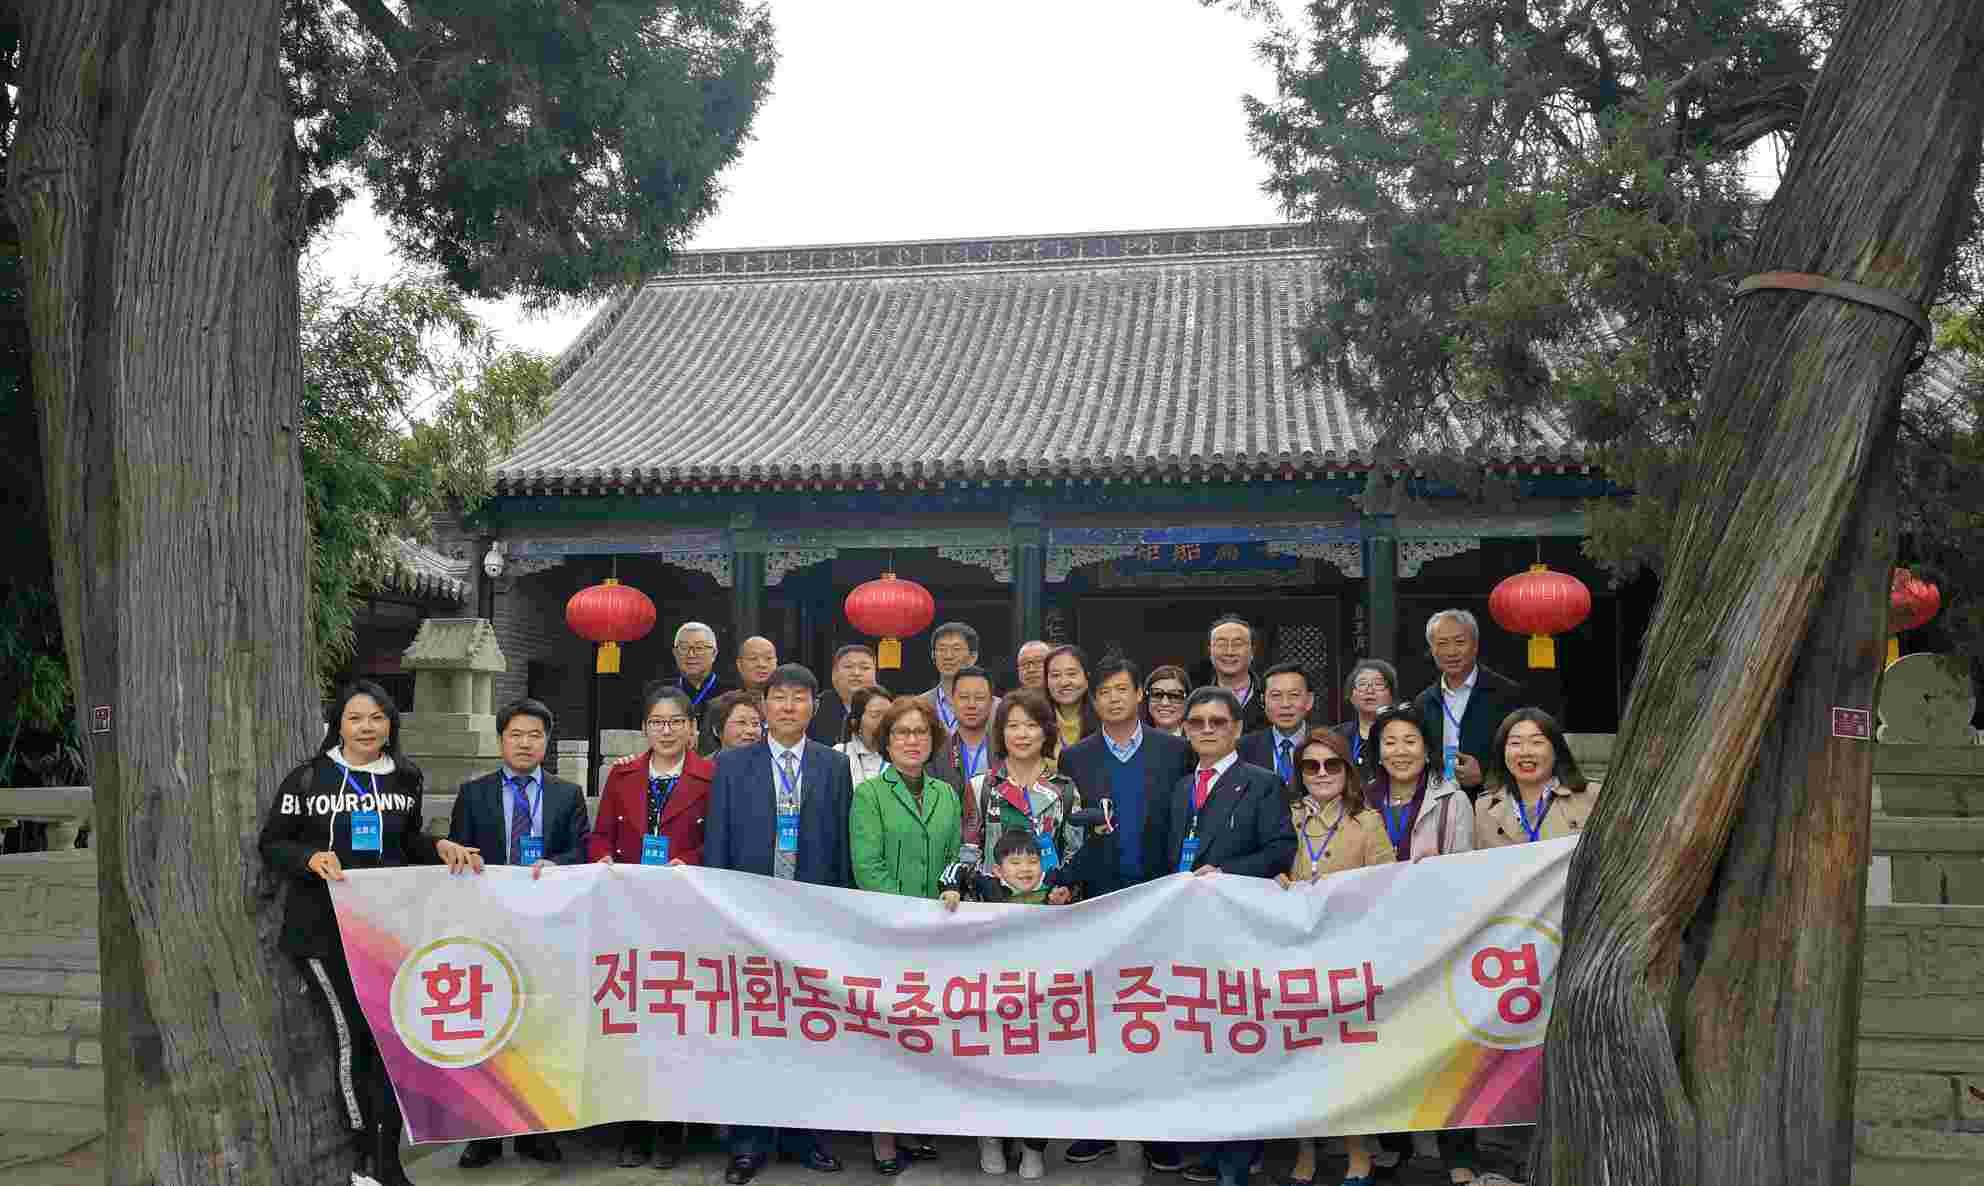 孟子思想海外华文媒体交流会暨首届中韩孟子思想研讨高峰论坛在孟子研究院举办